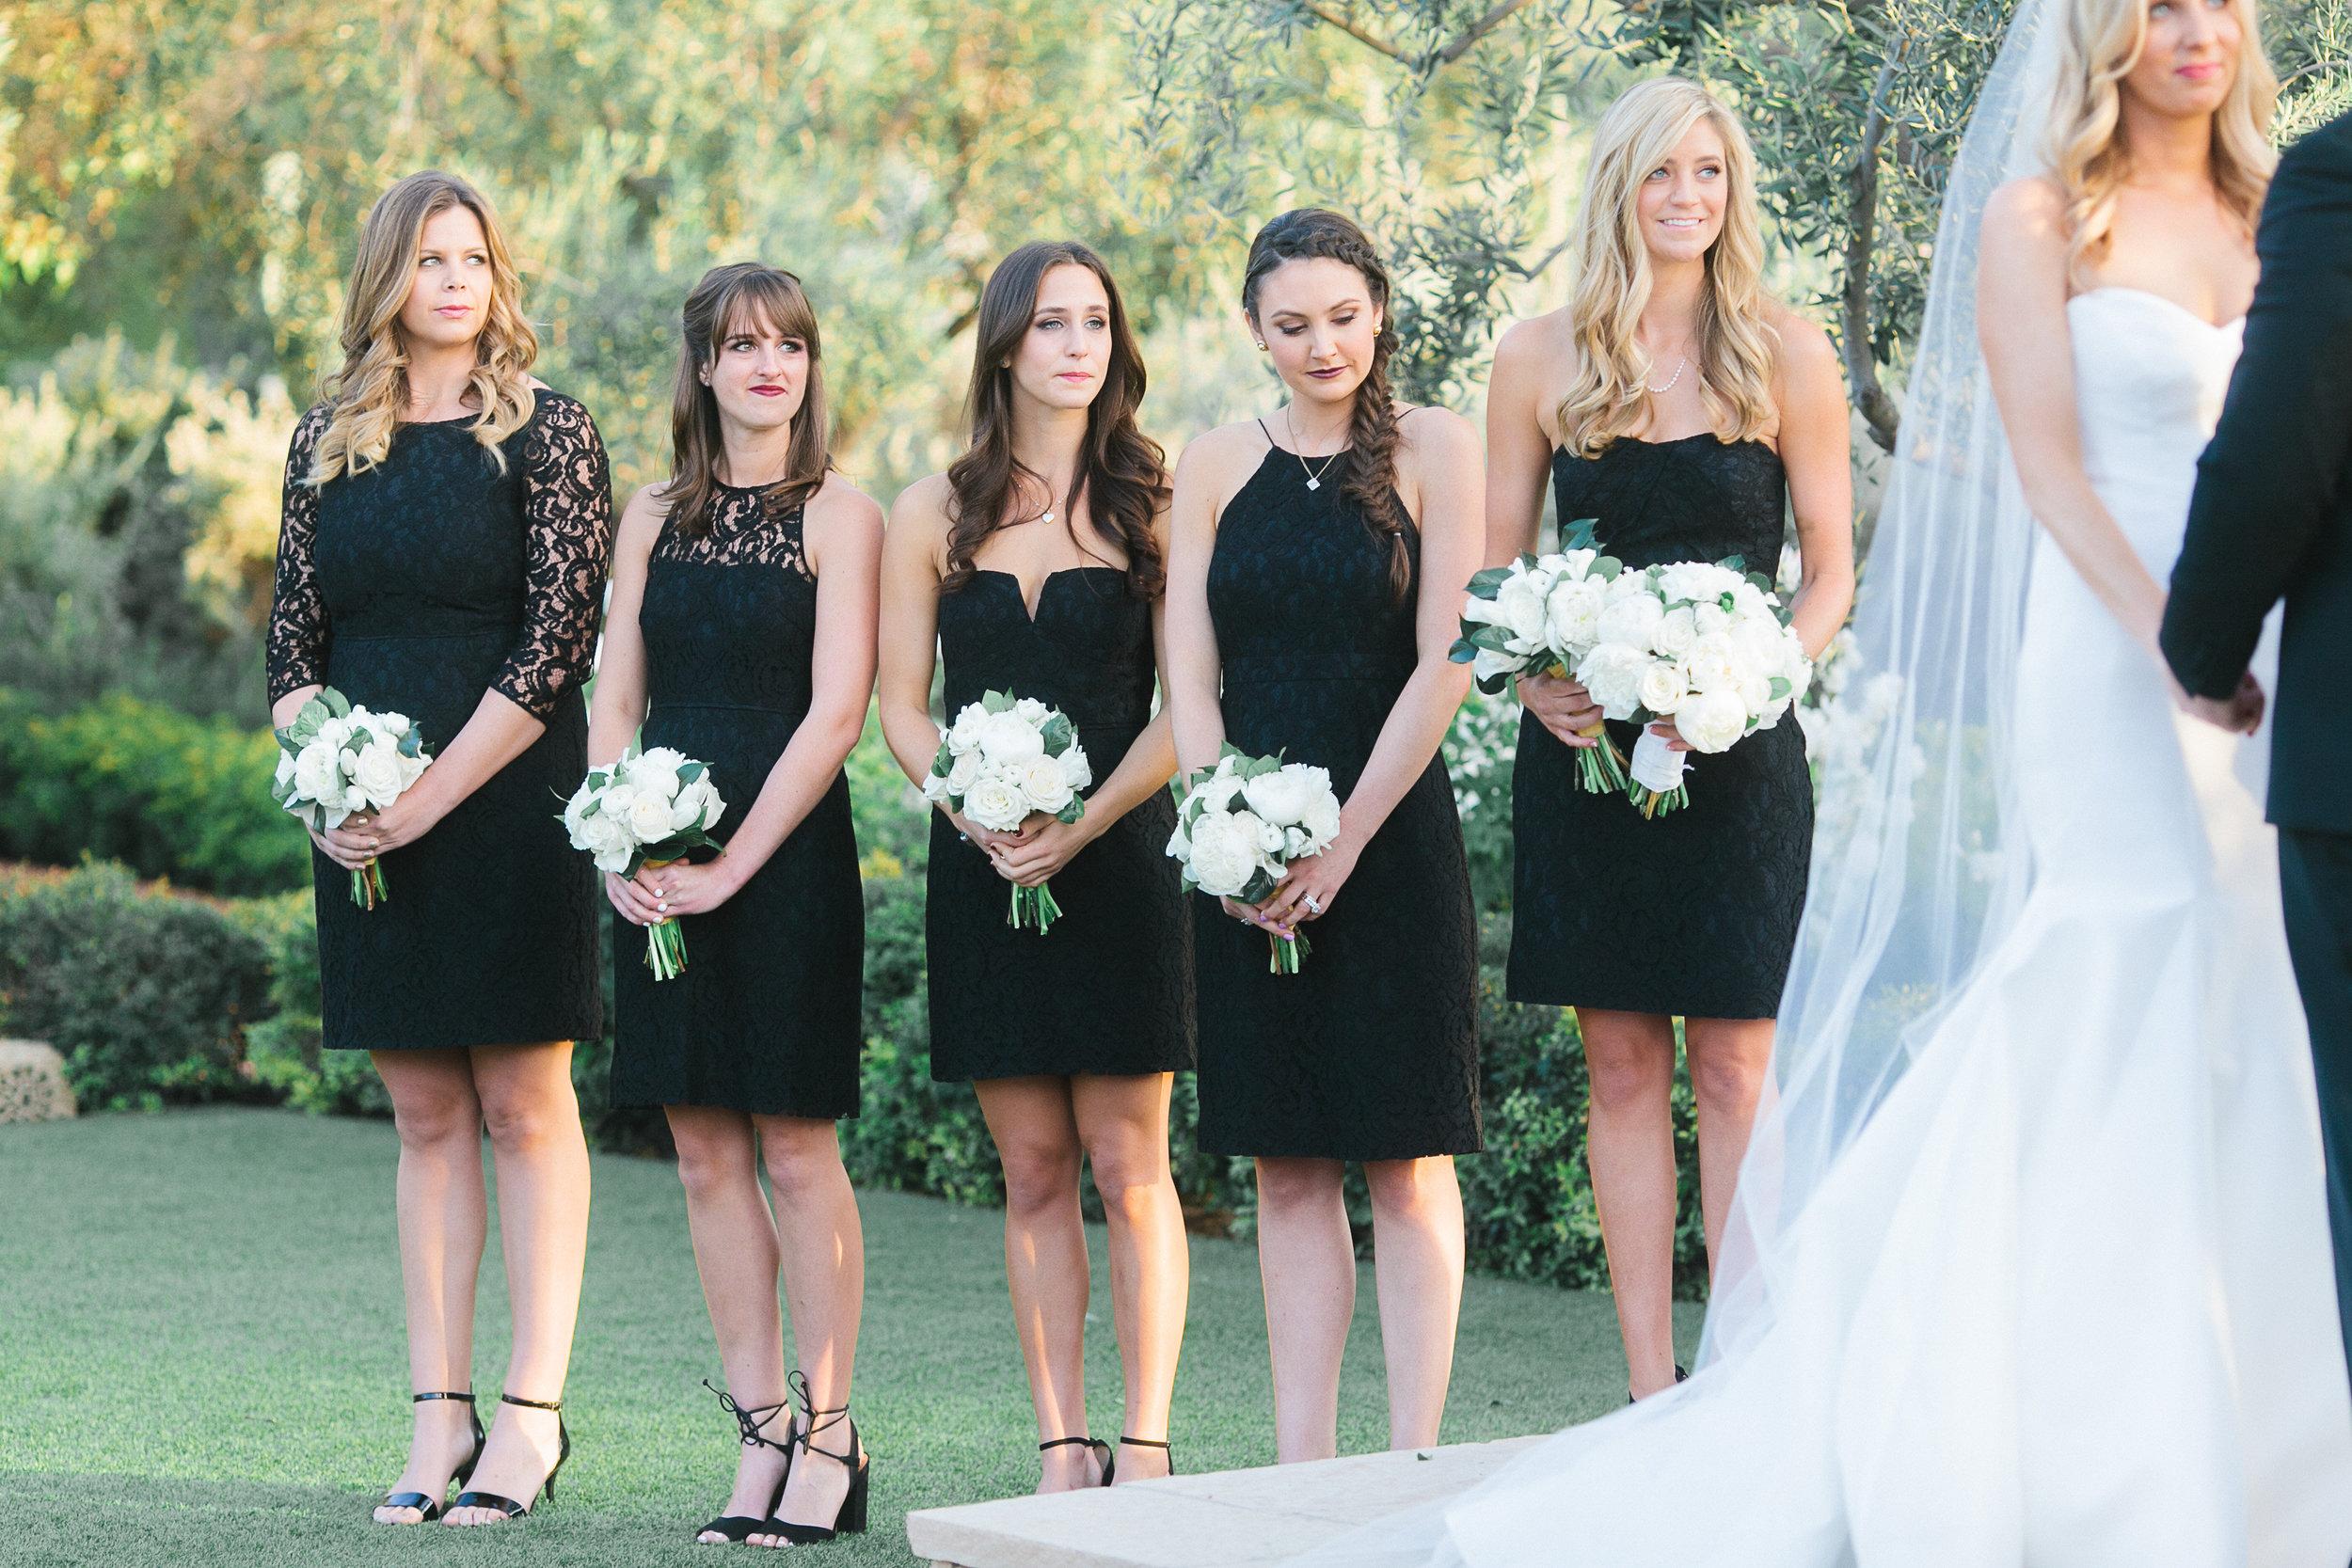 el chorro-wedding-0515.jpg